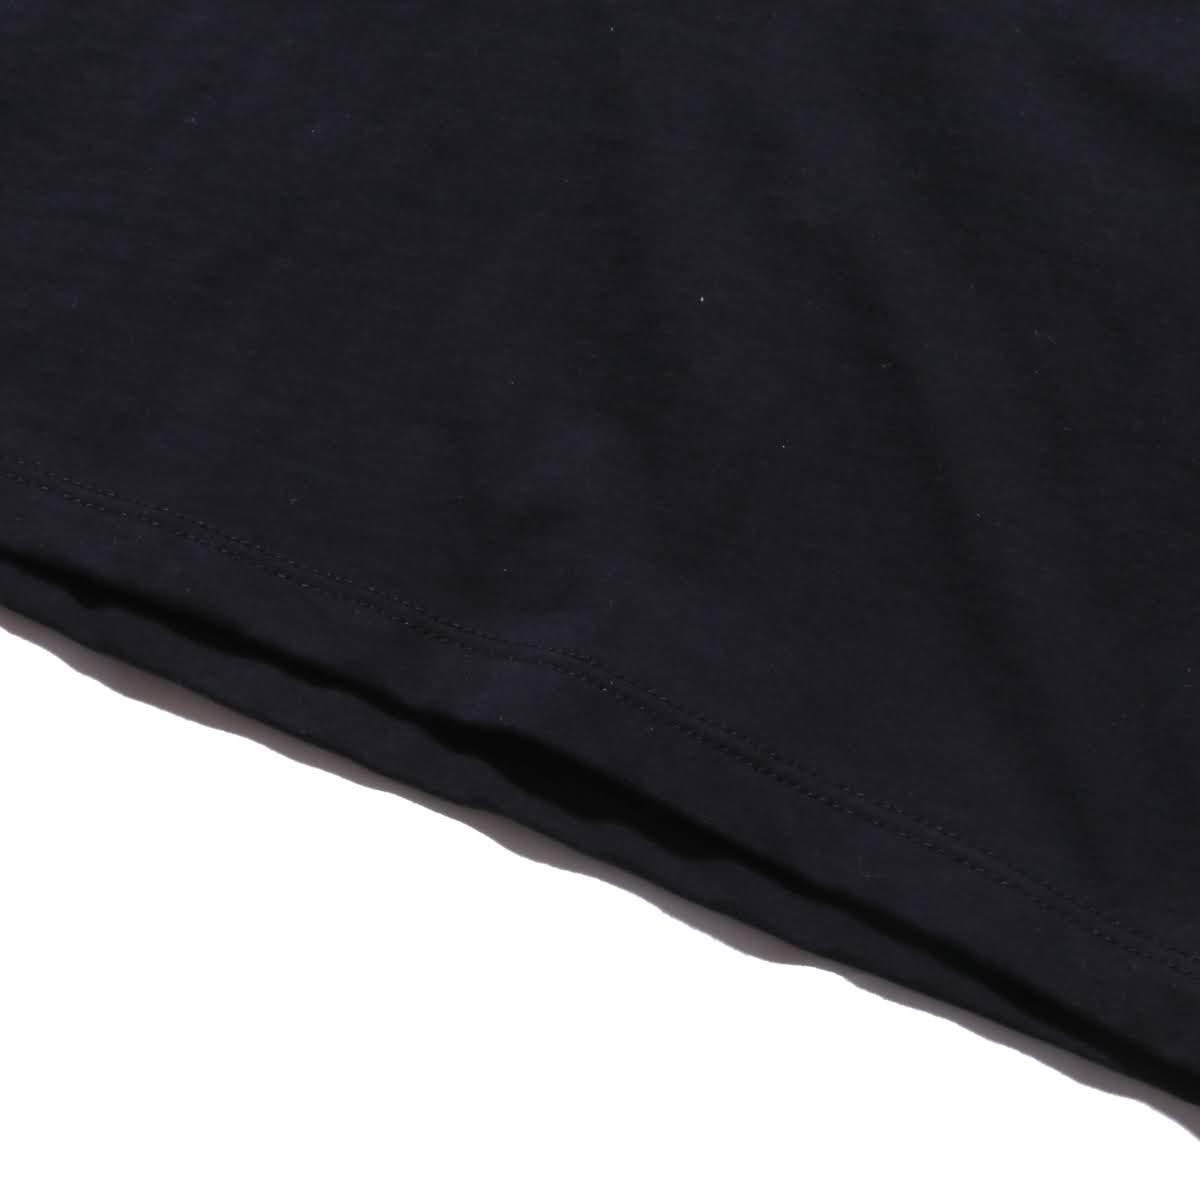 edf65dfb07af NIKE M JSW TEE AIR JORDAN STENCIL (Nike Jordan Air Jordan stencil S S T- shirt) BLACK UNIVERSITY RED 18FW-S